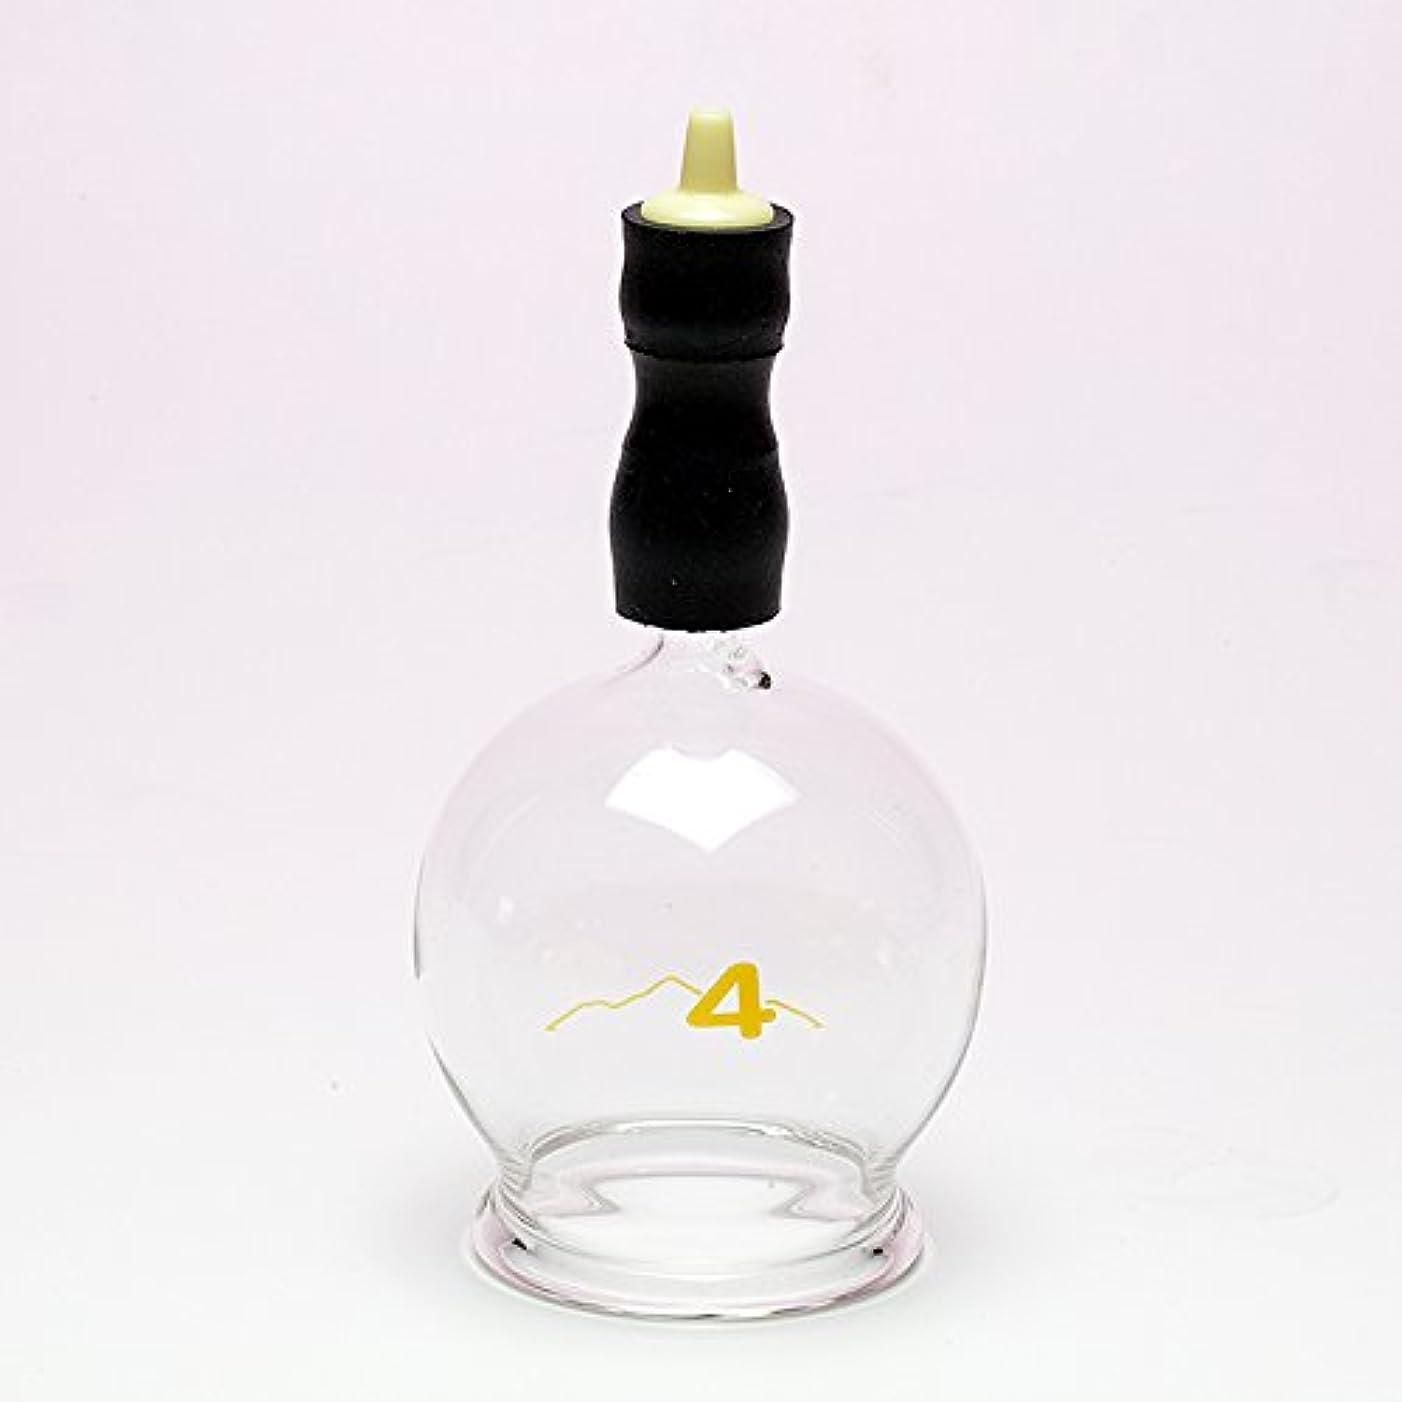 させる移行する対人霧島ガラス玉(電動吸い玉機器用吸着具)完成品4号